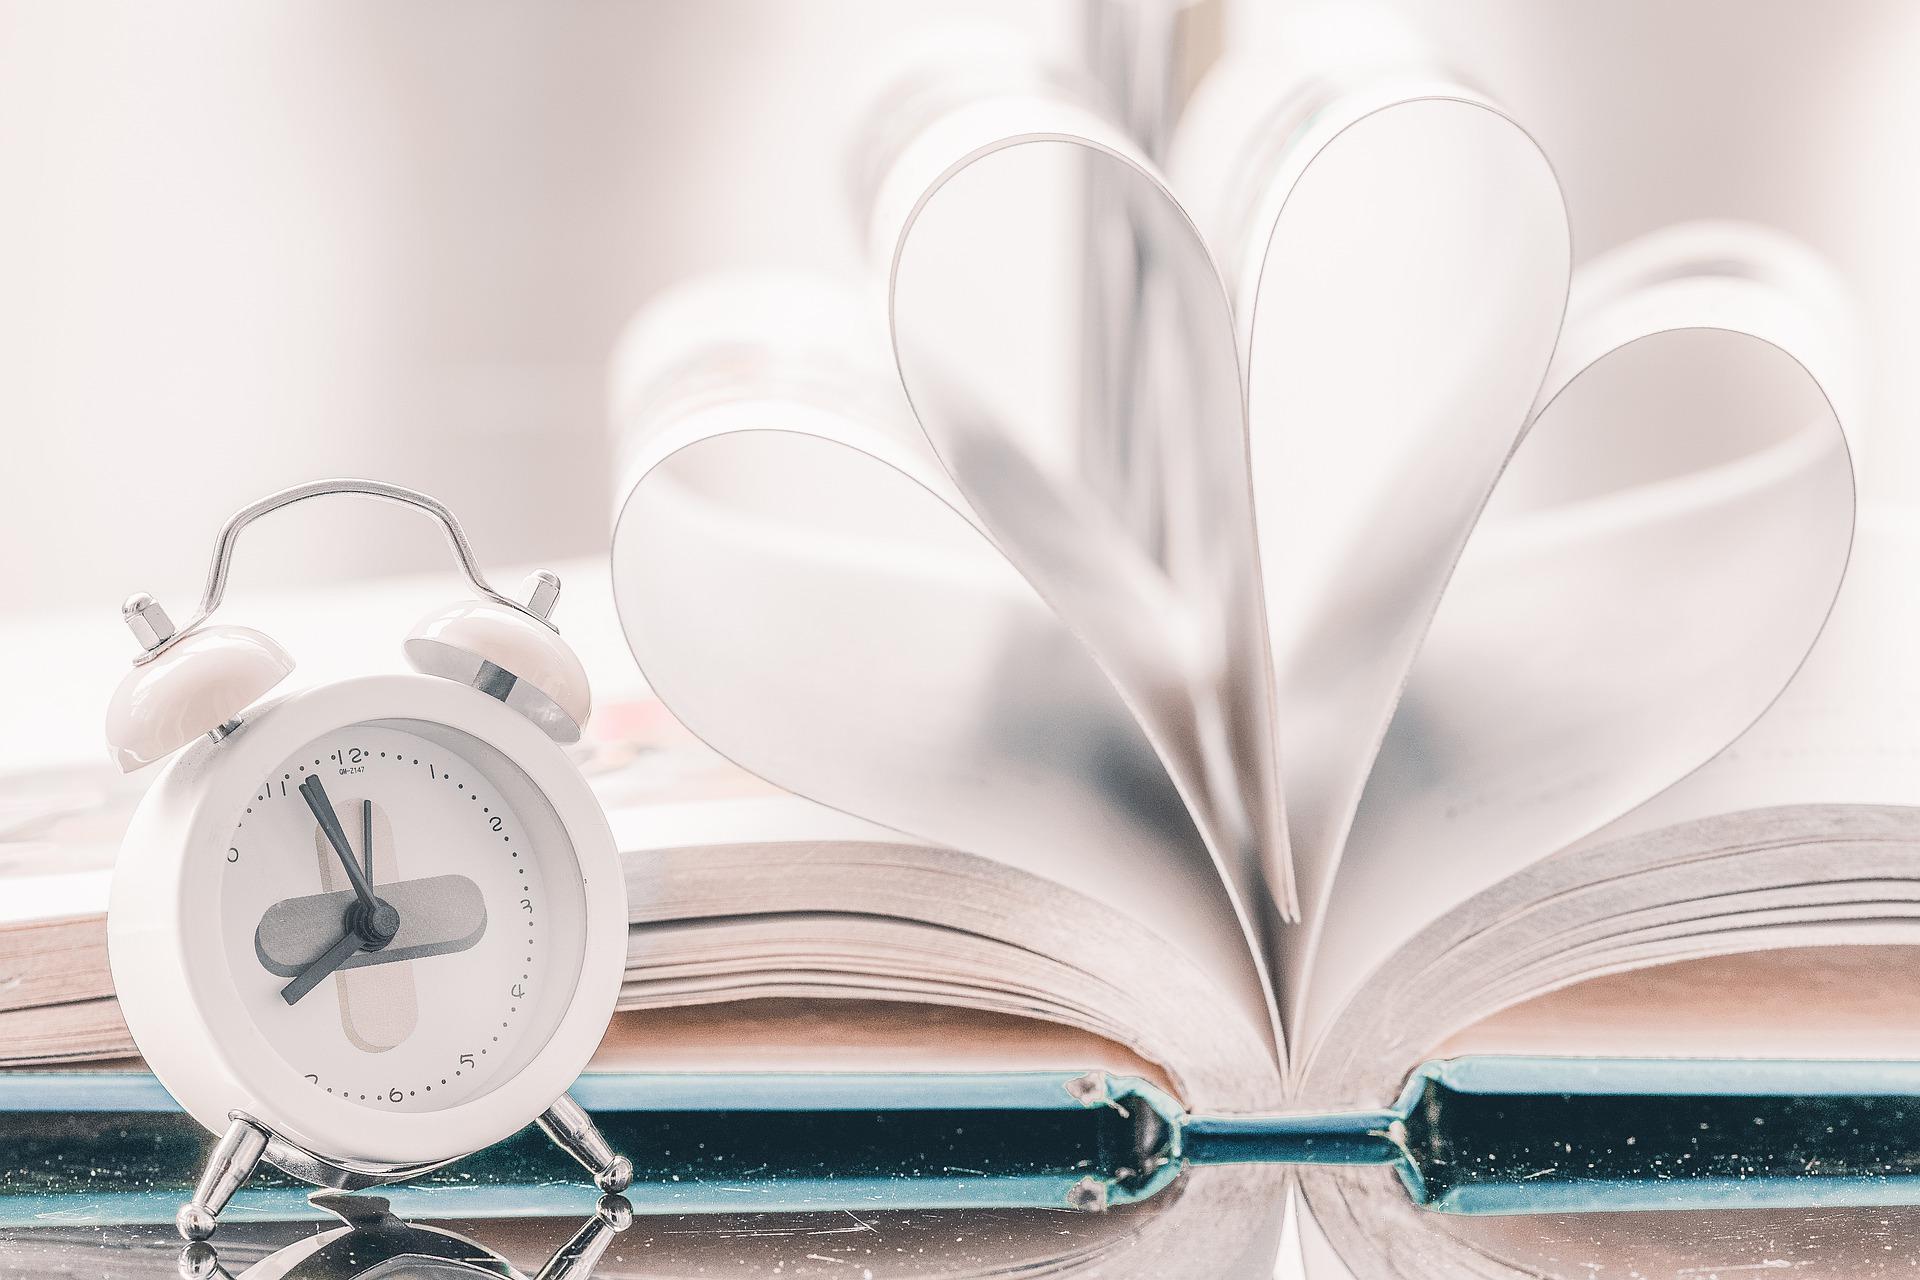 5 συμβουλές για την οργάνωση του χρόνου μελέτης στη Γ' Λυκείου